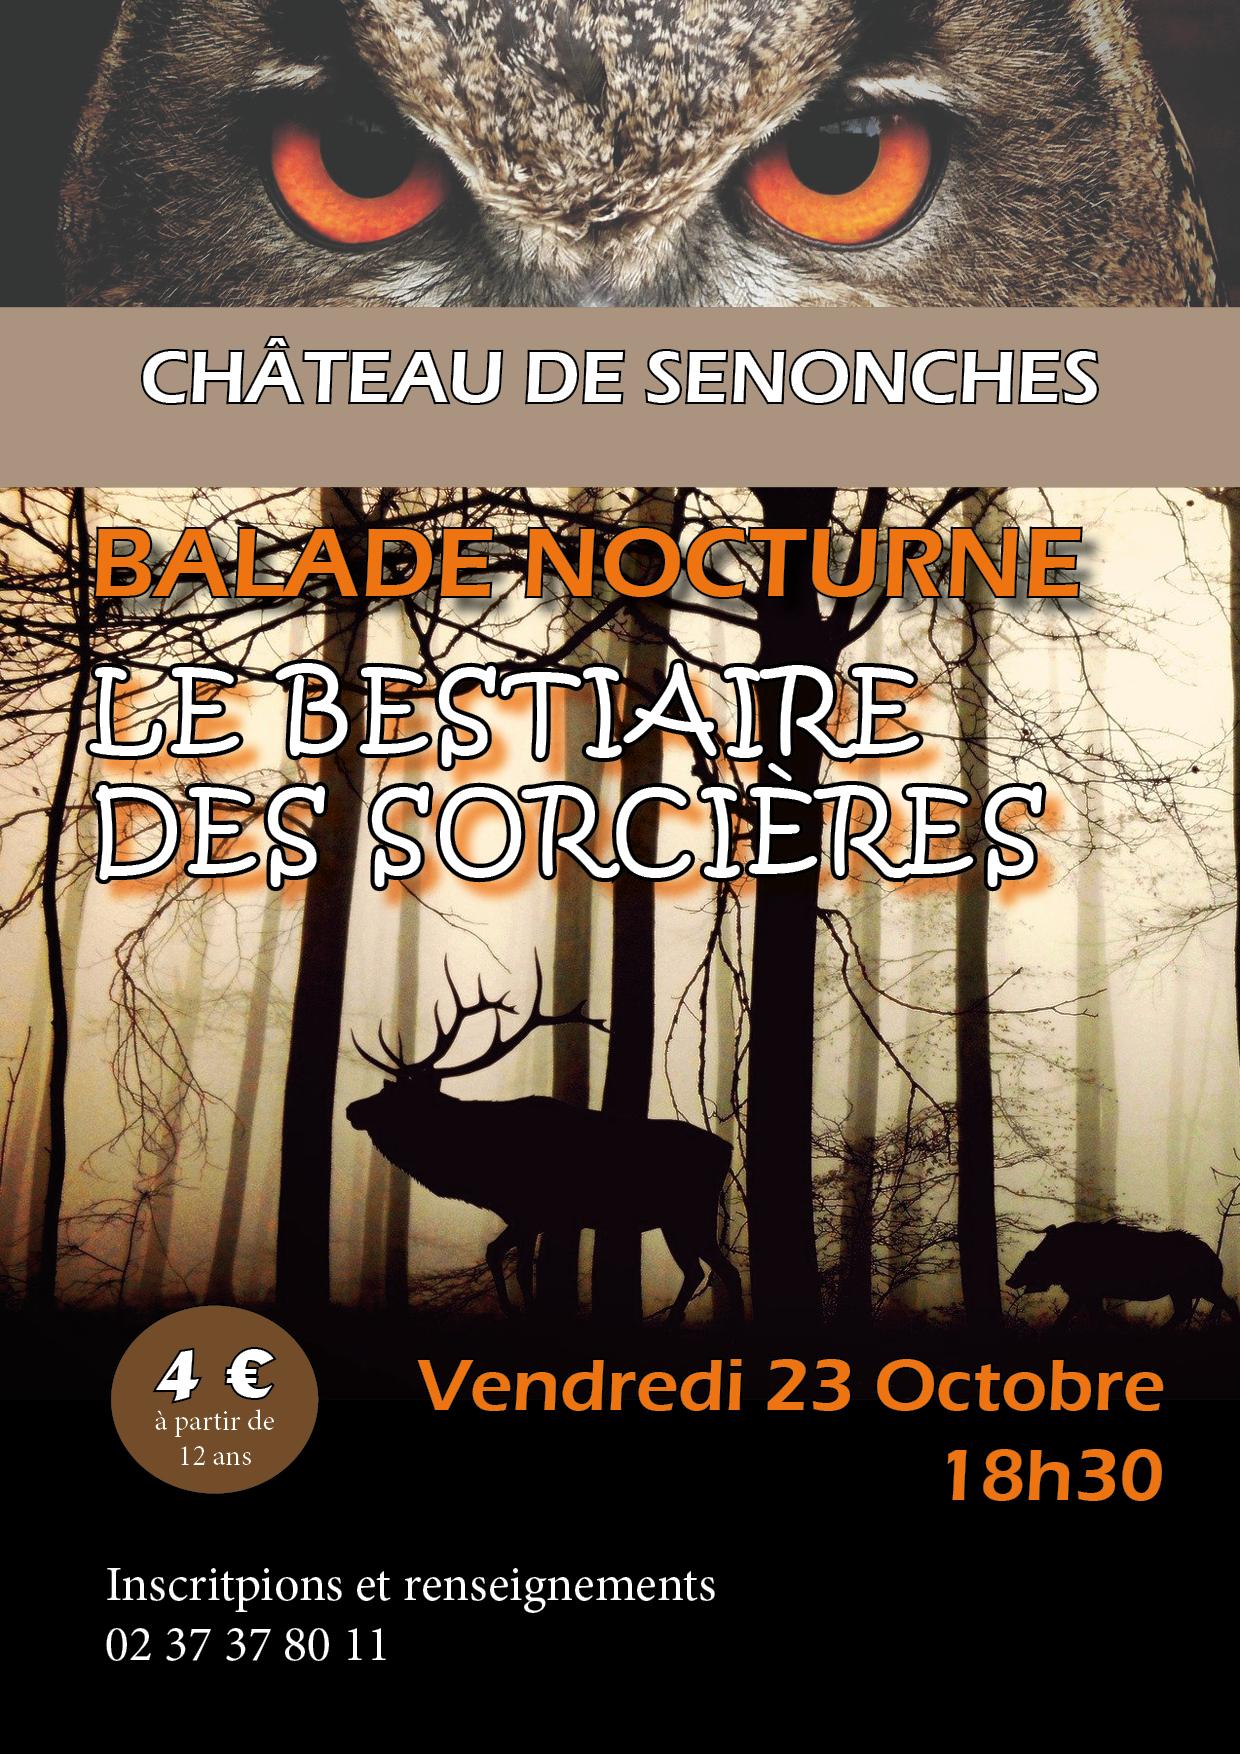 Balade nocturne «Le Bestiaire des sorcières»